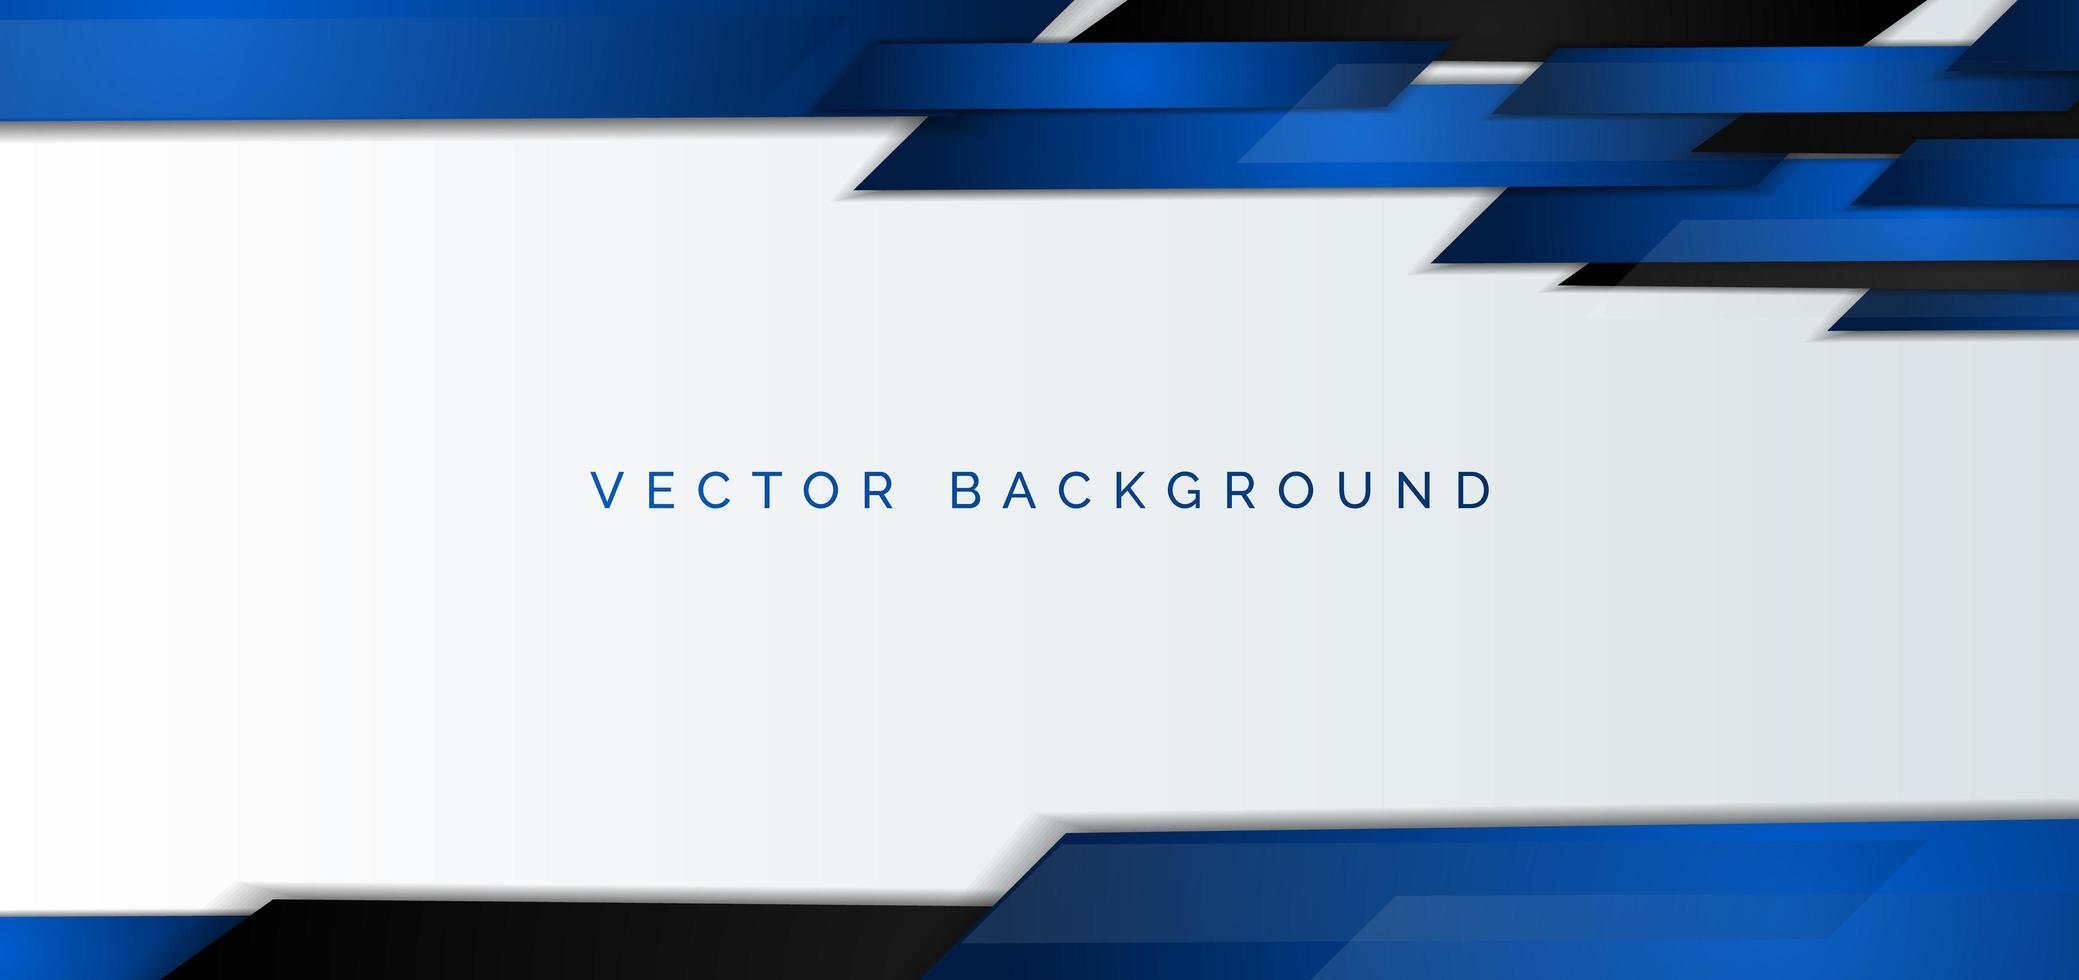 banner corporativo abstracto con elementos azules y negros vector